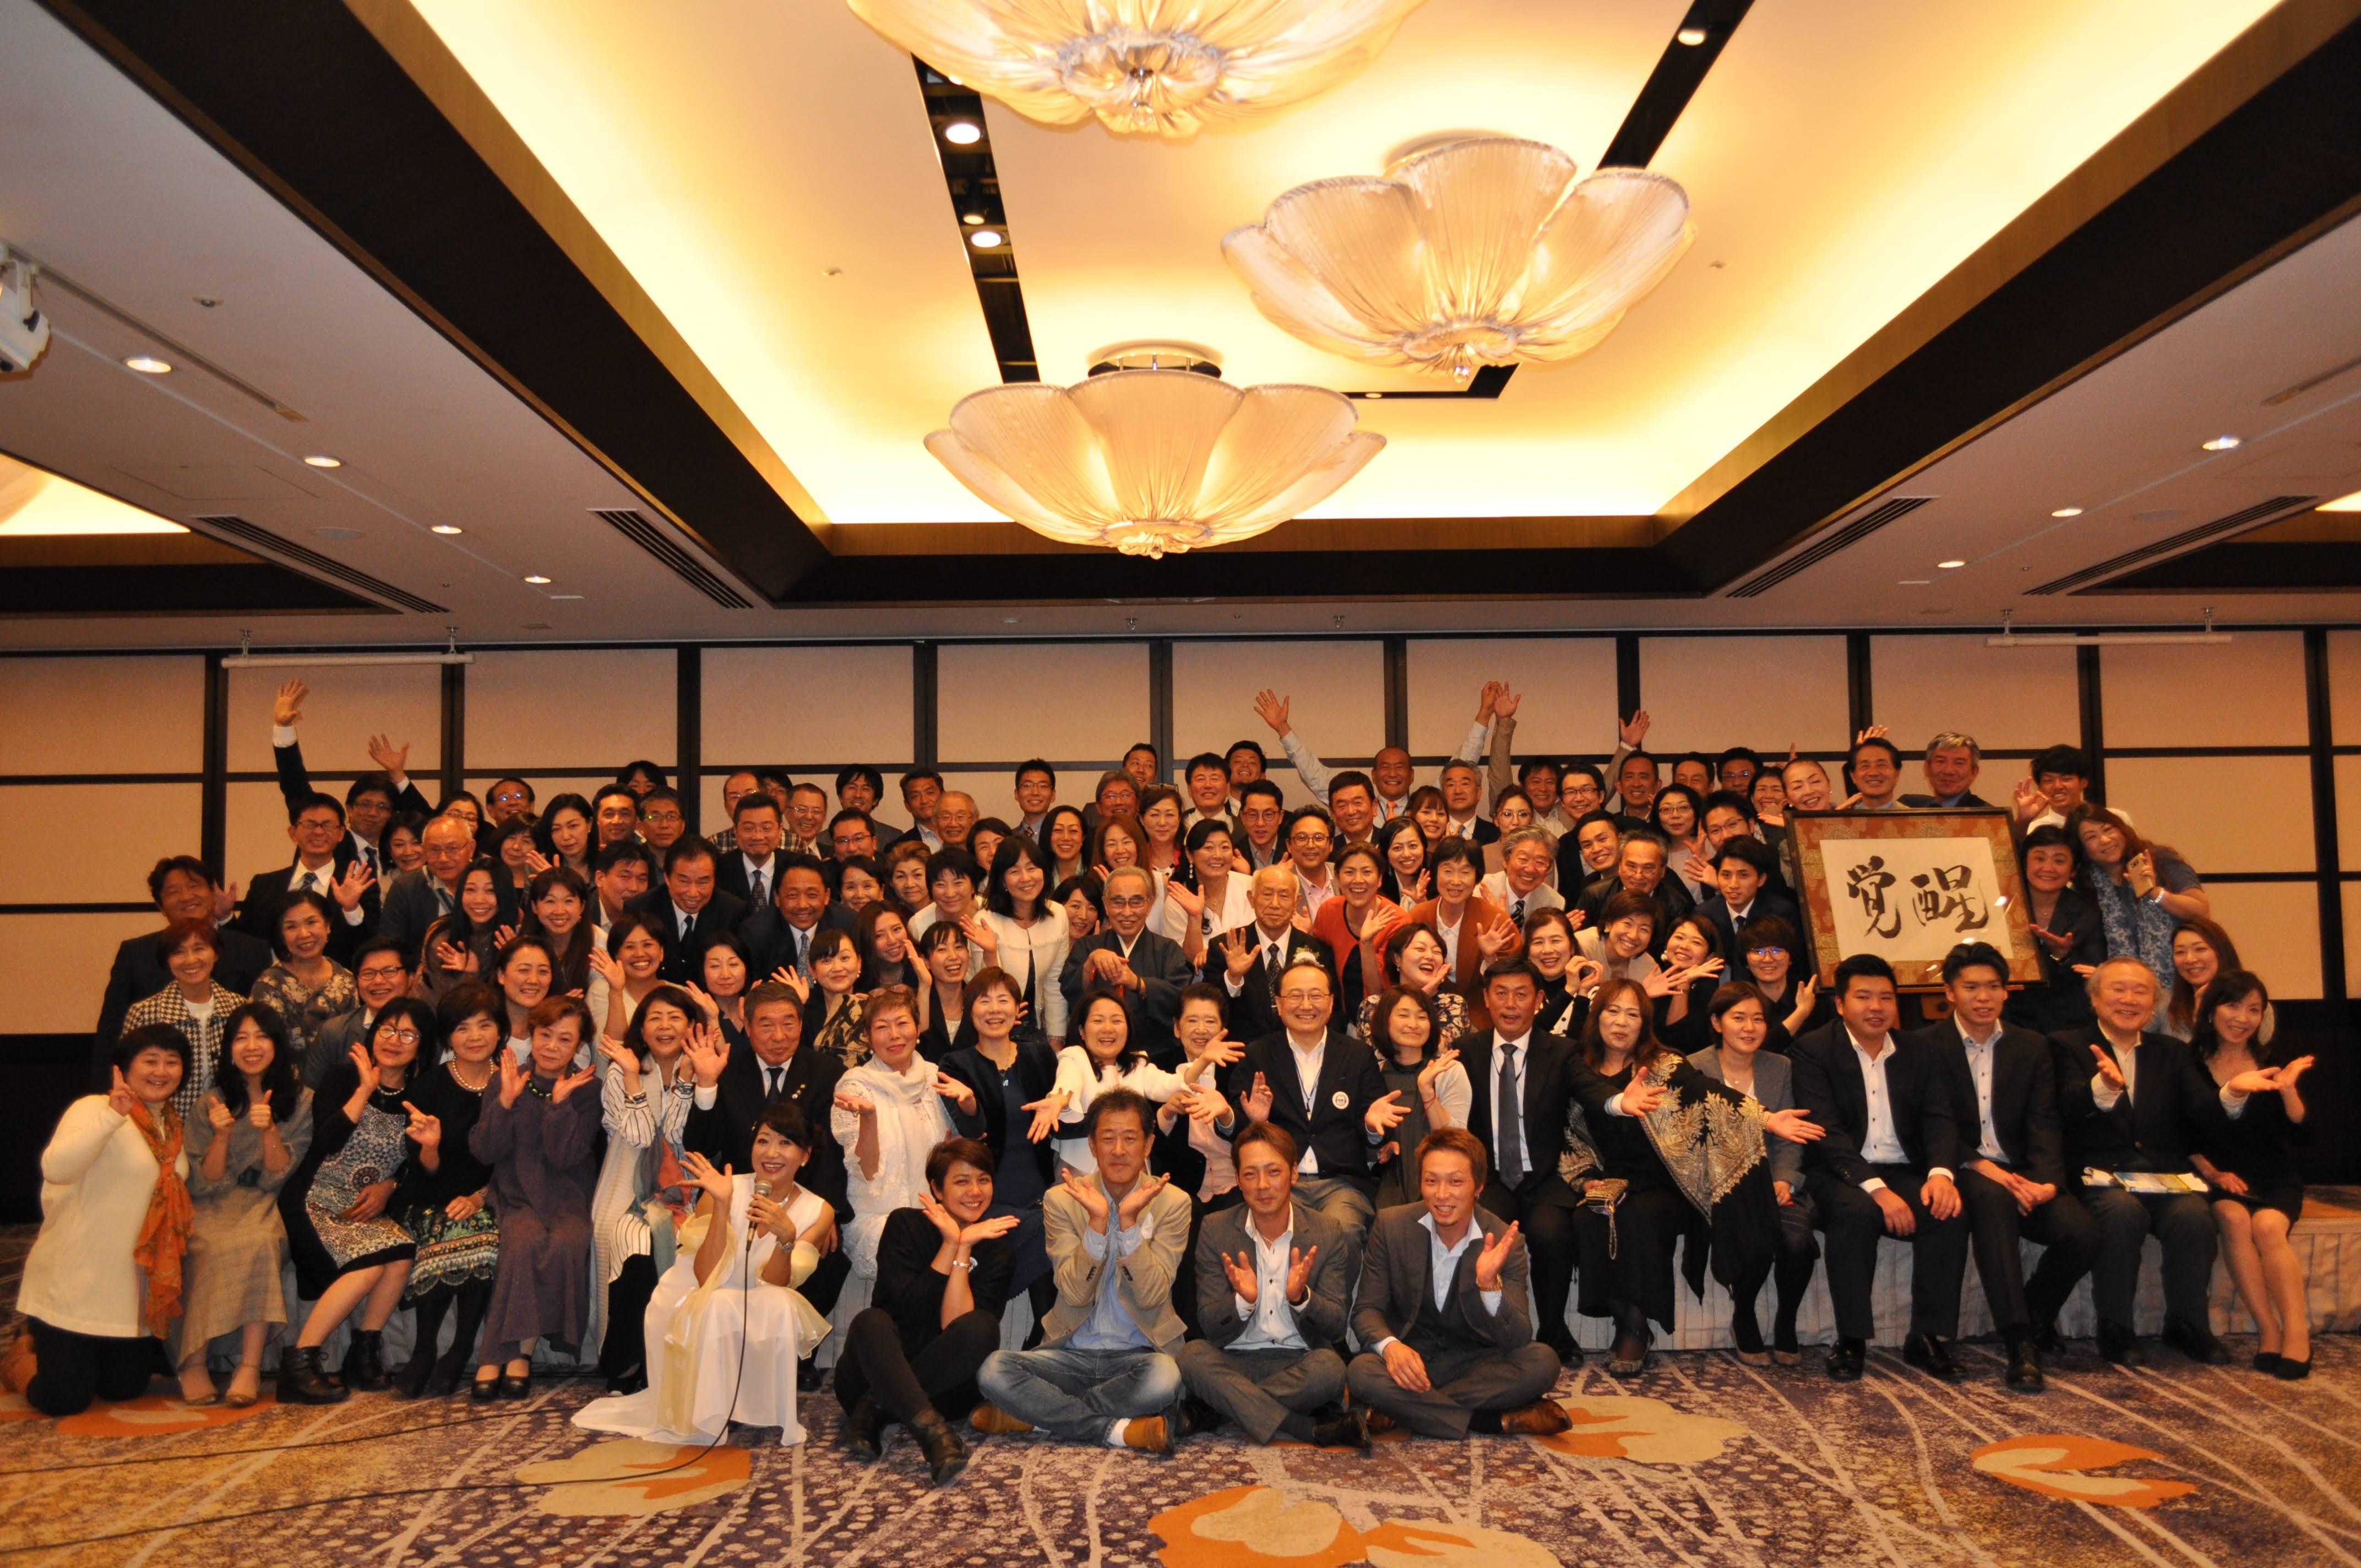 DSC 0608 1 - 思風会全国大会in広島